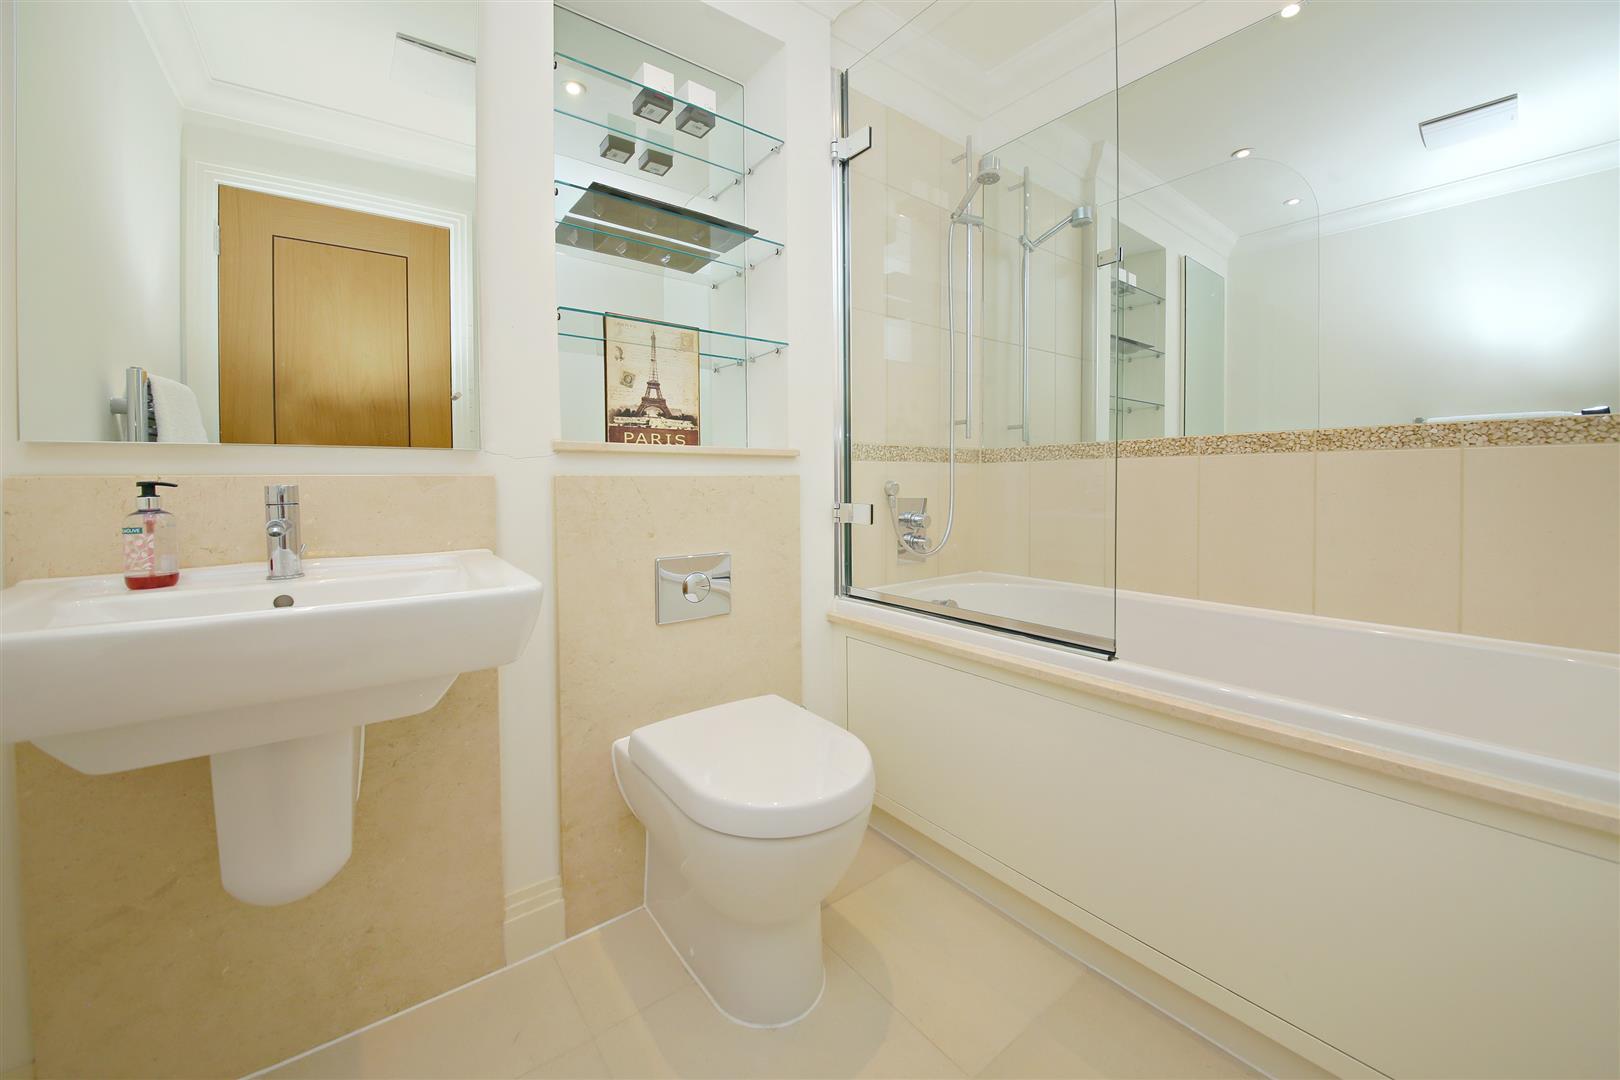 Wall Hall,Bathroom